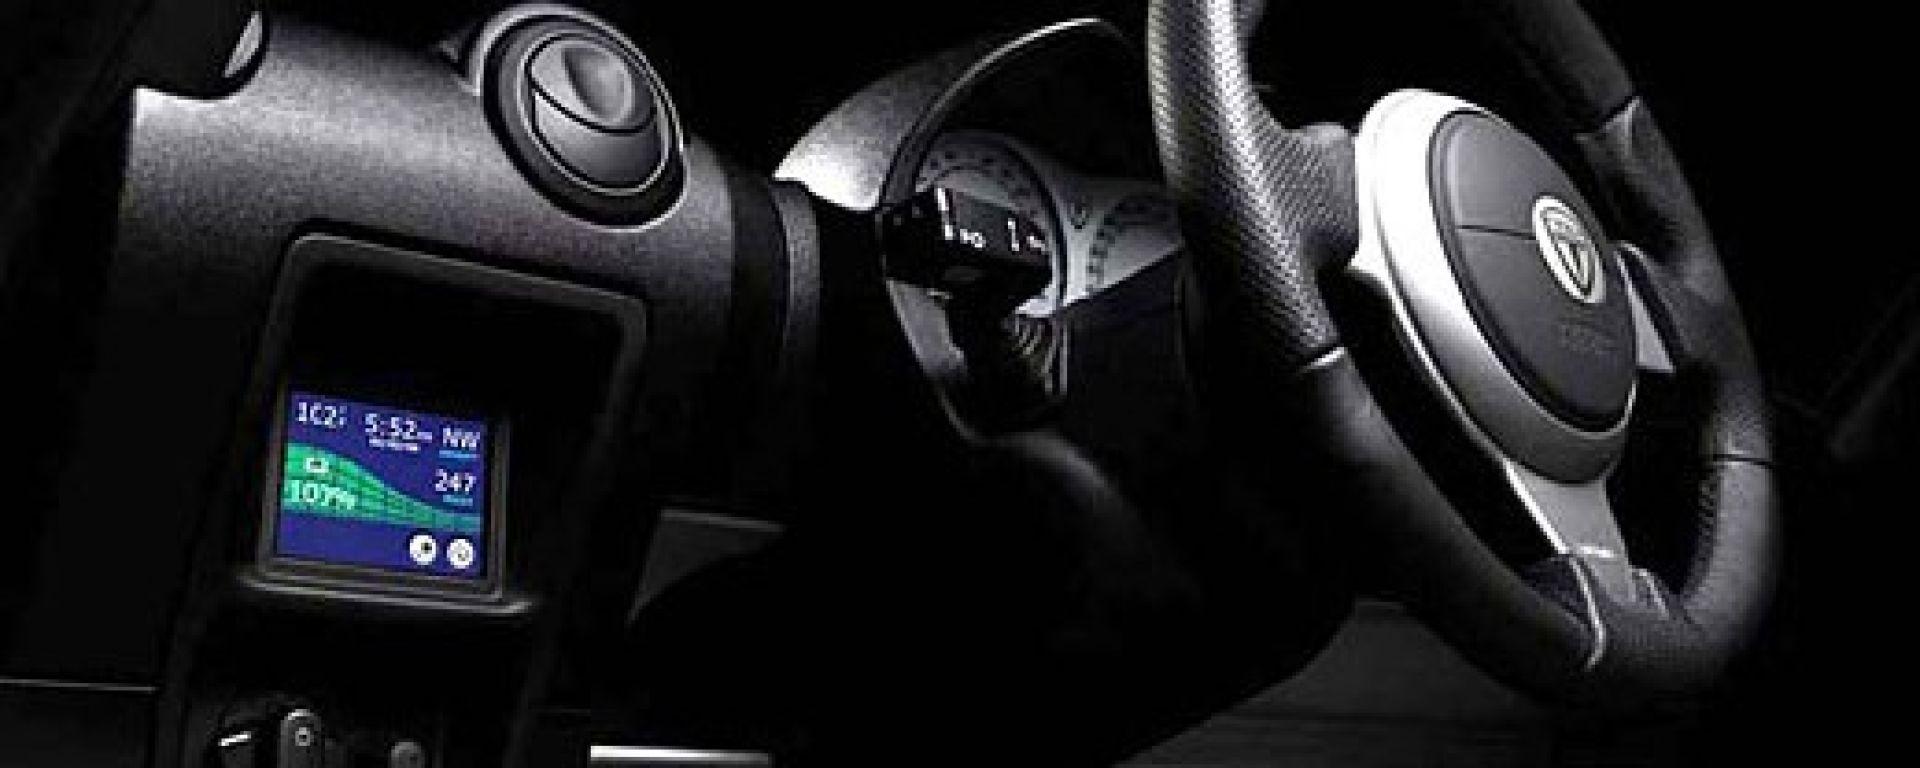 Tesla Roadster / L'auto elettrica risorge